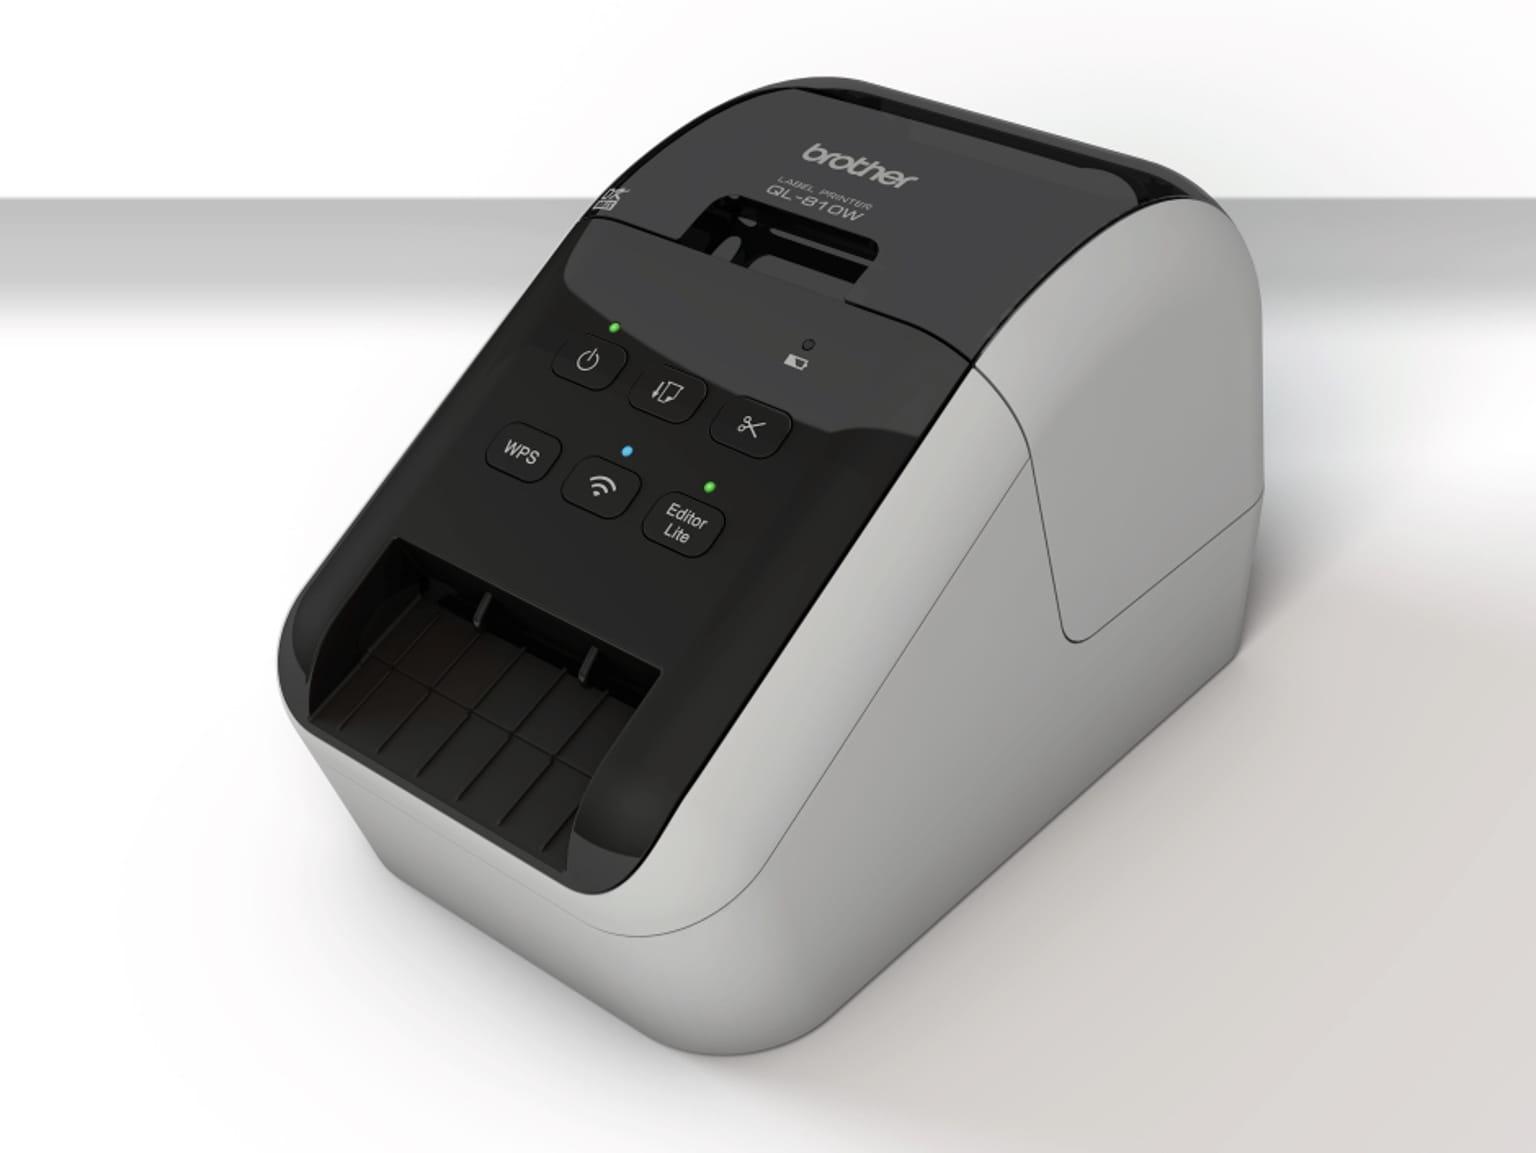 Impresoras de etiquetas brother for Impresoras para oficina